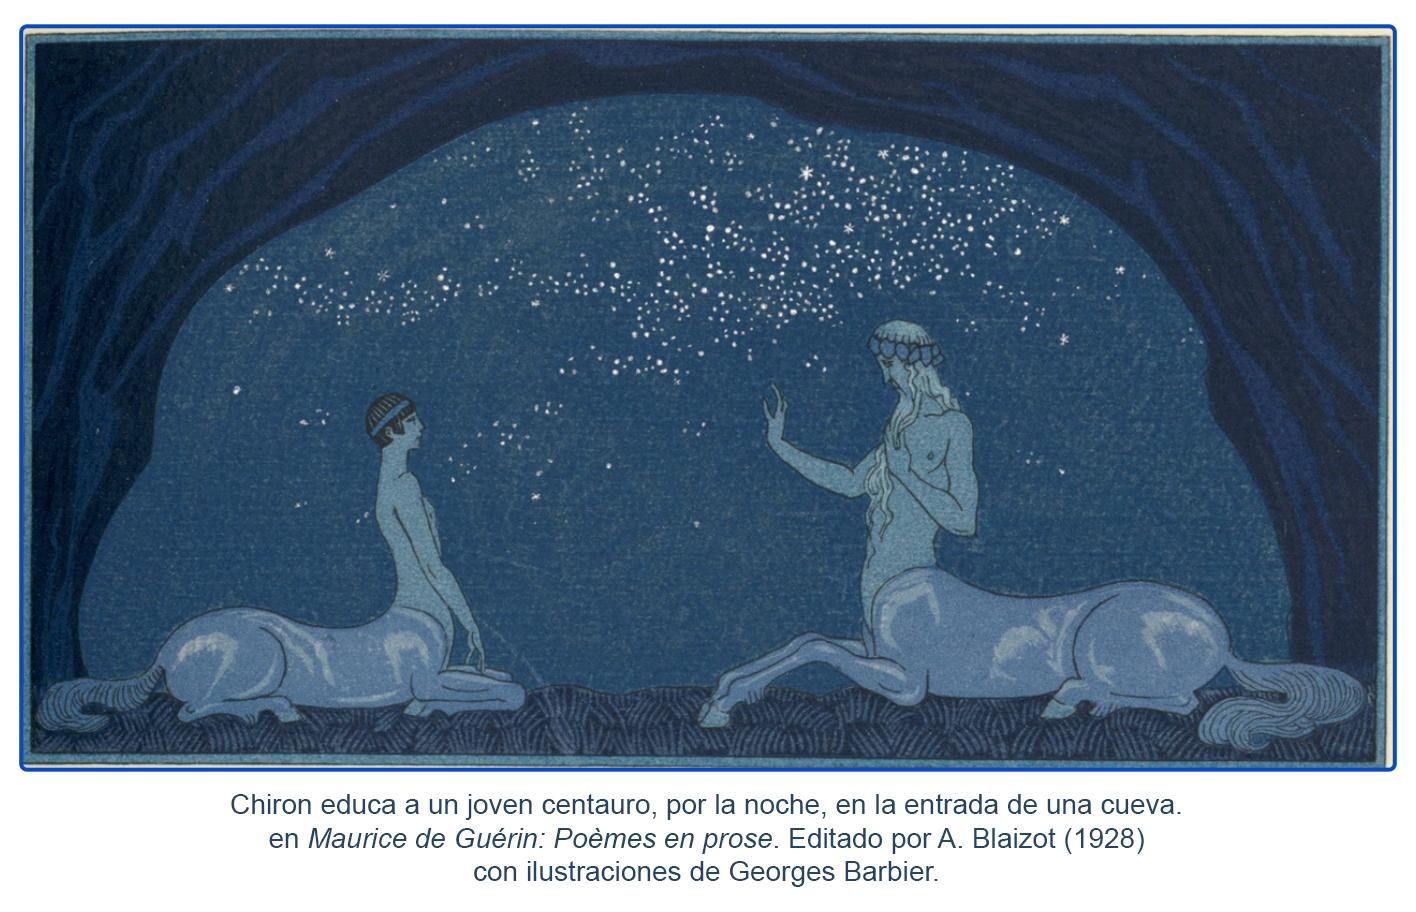 Chiron y un joven centauro_ilustración de Georges Barbier (1928)